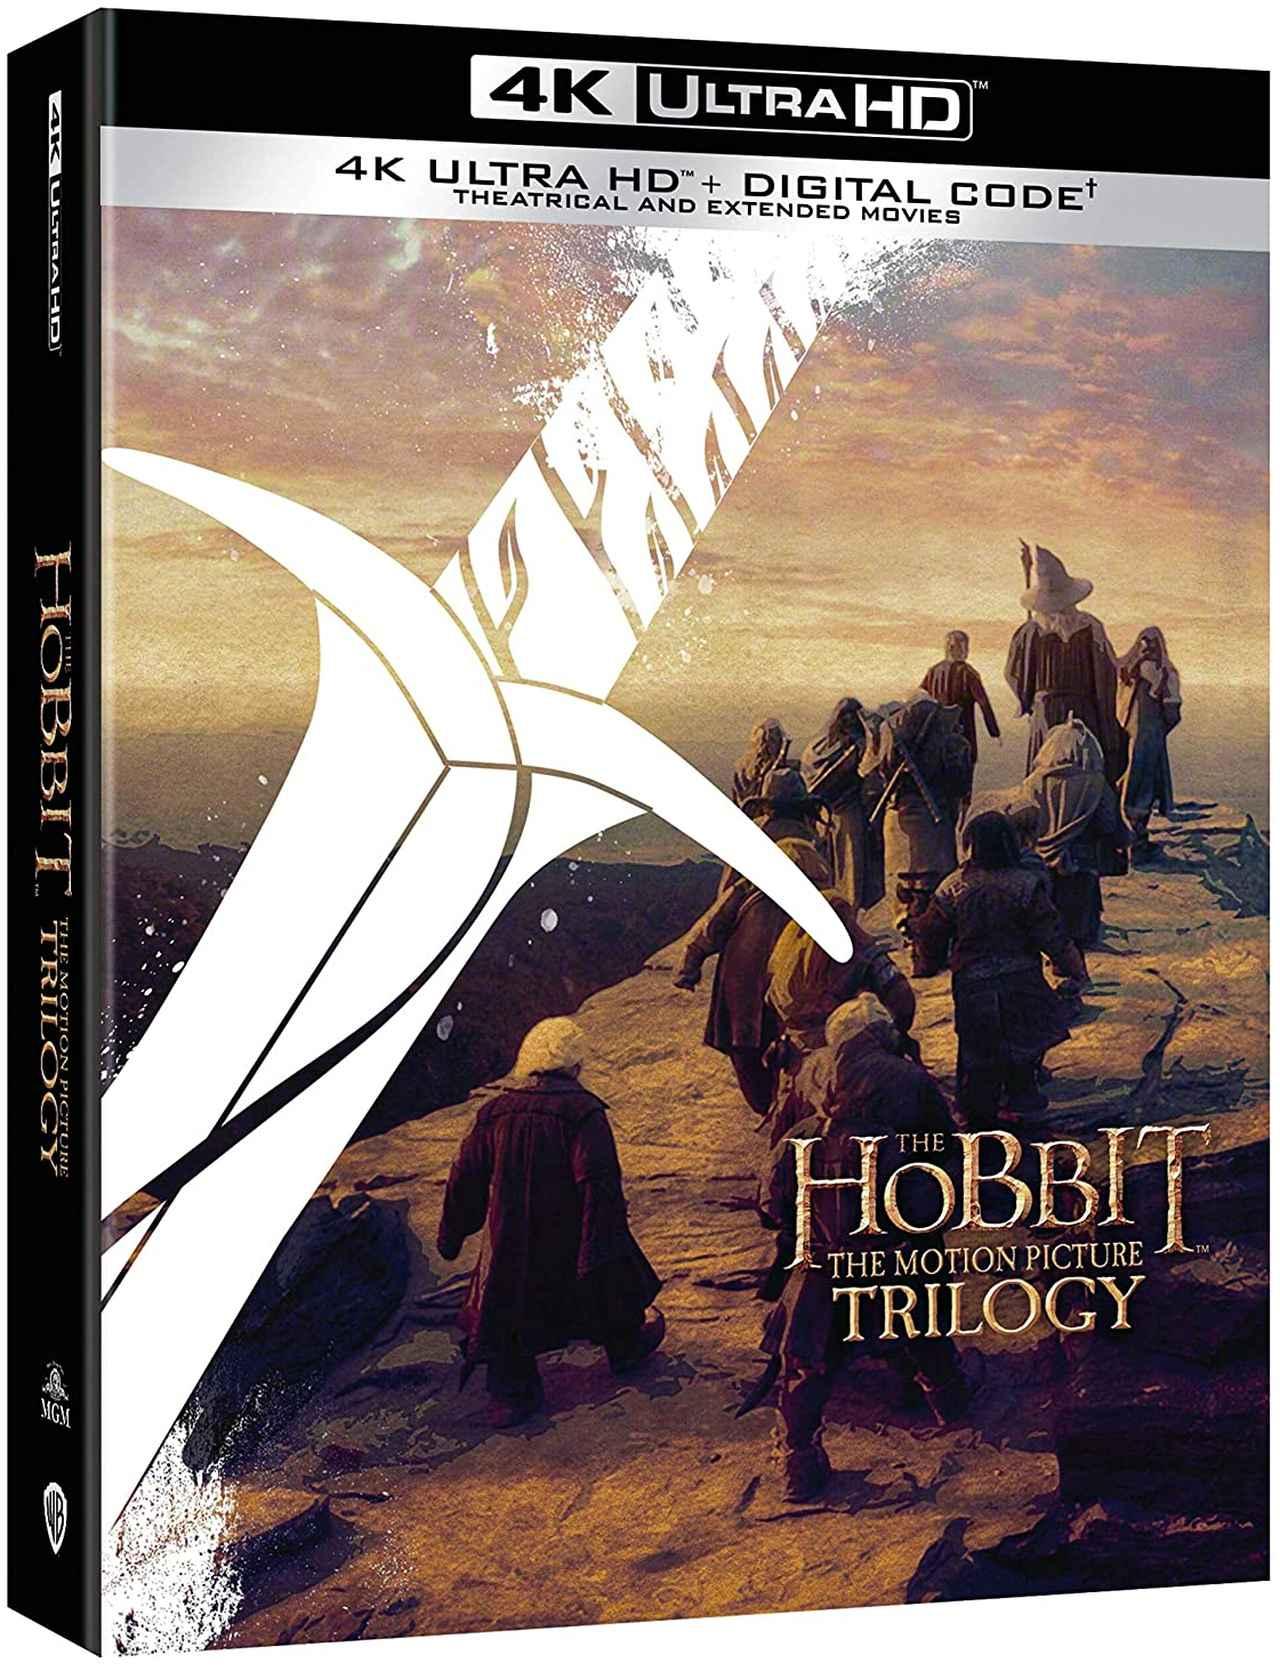 画像: The Hobbit The Motion Picture Trilogy ( Extended & Theatrical ) - $89.99 - The Hobbit: An Unexpected Journey (2012) - The Hobbit: The Desolation of Smaug (2013) - The Hobbit: The Battle of the Five Armies (2014)